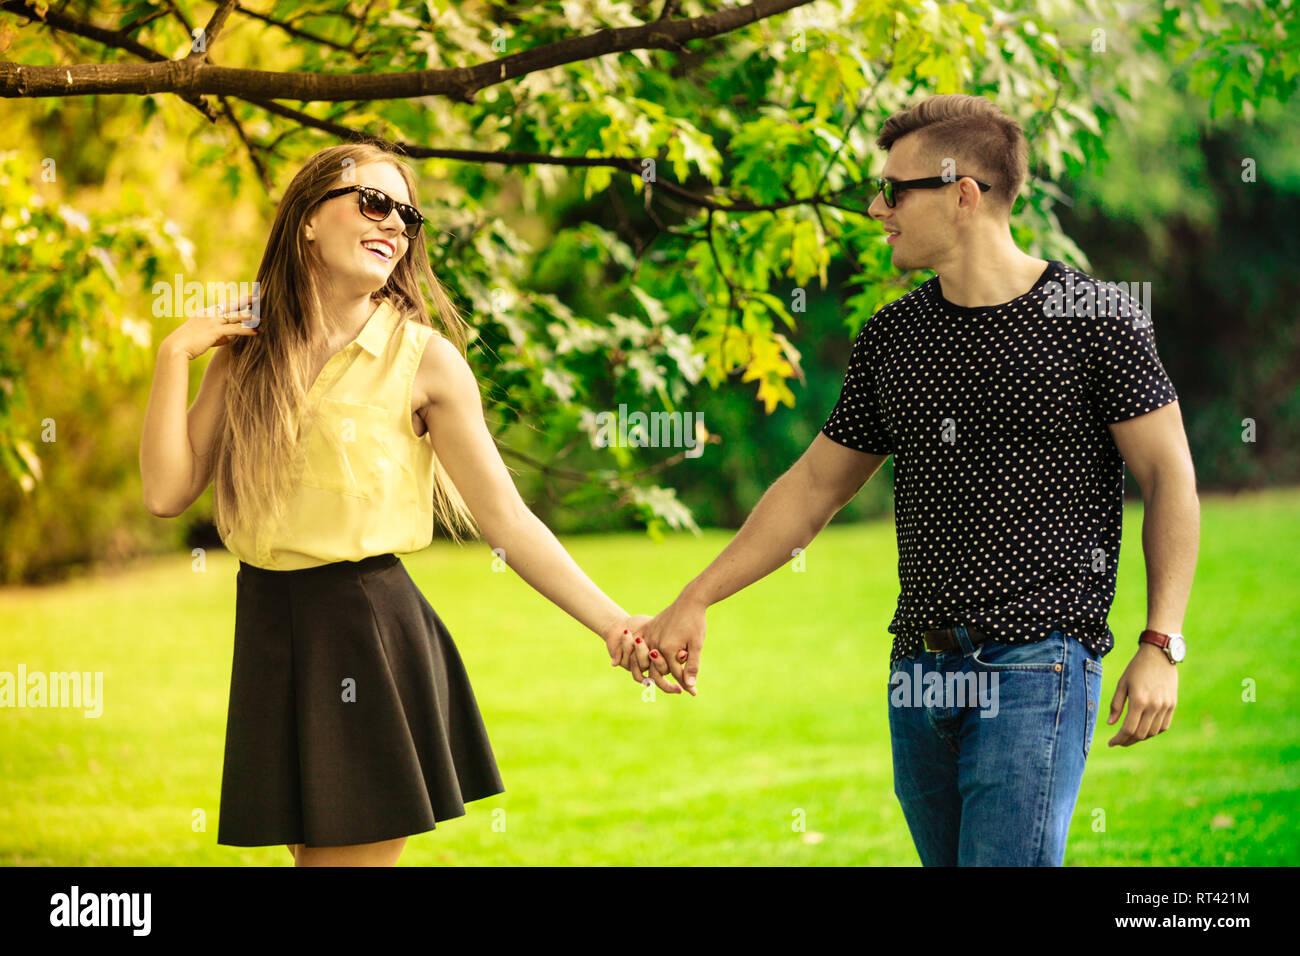 Tolle Schlagworte für Online-Dating